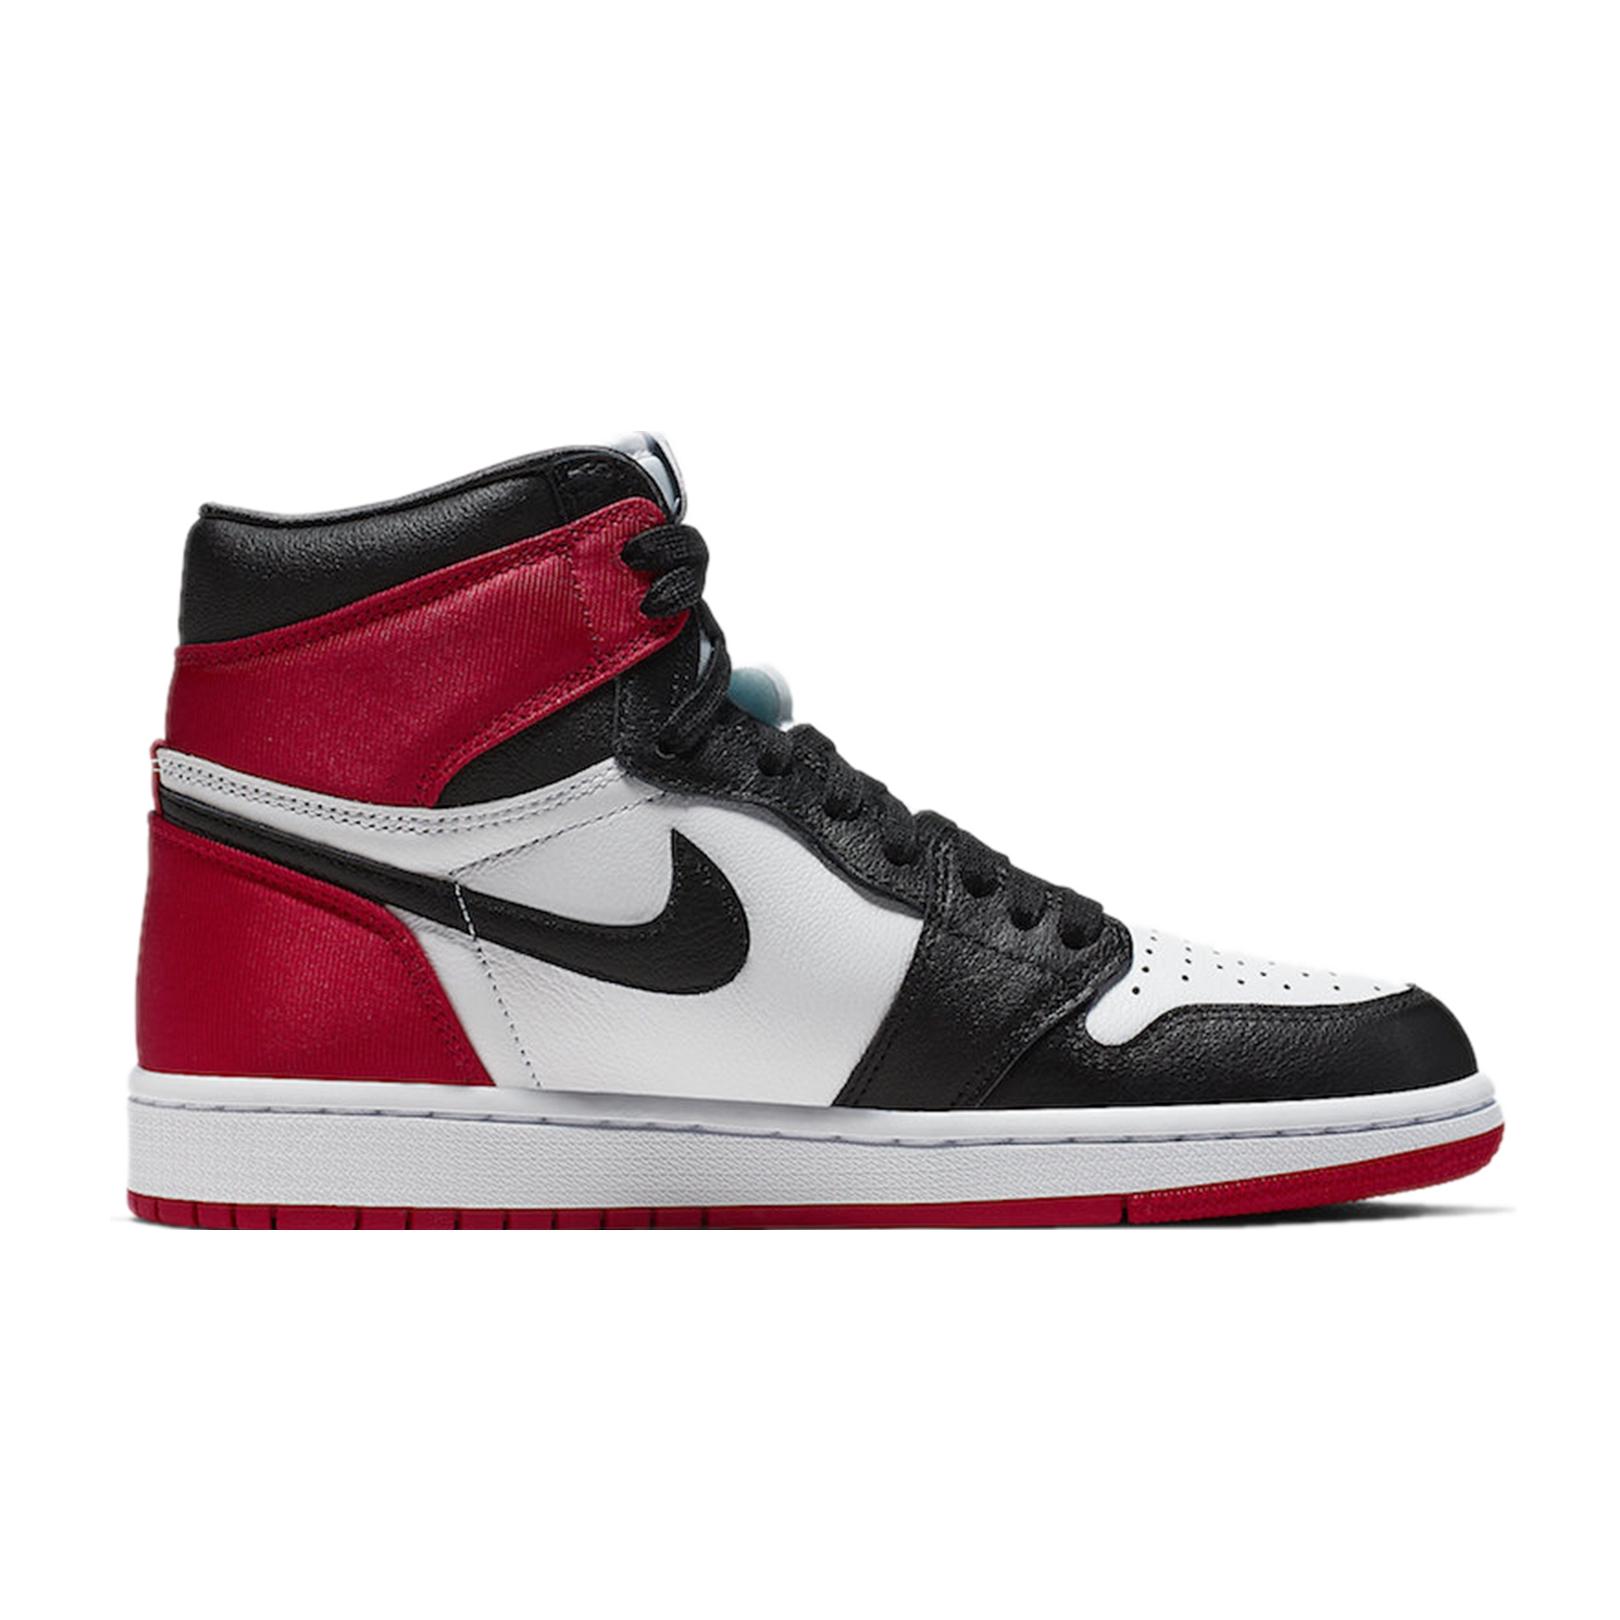 Nike Air Jordan Black Toe